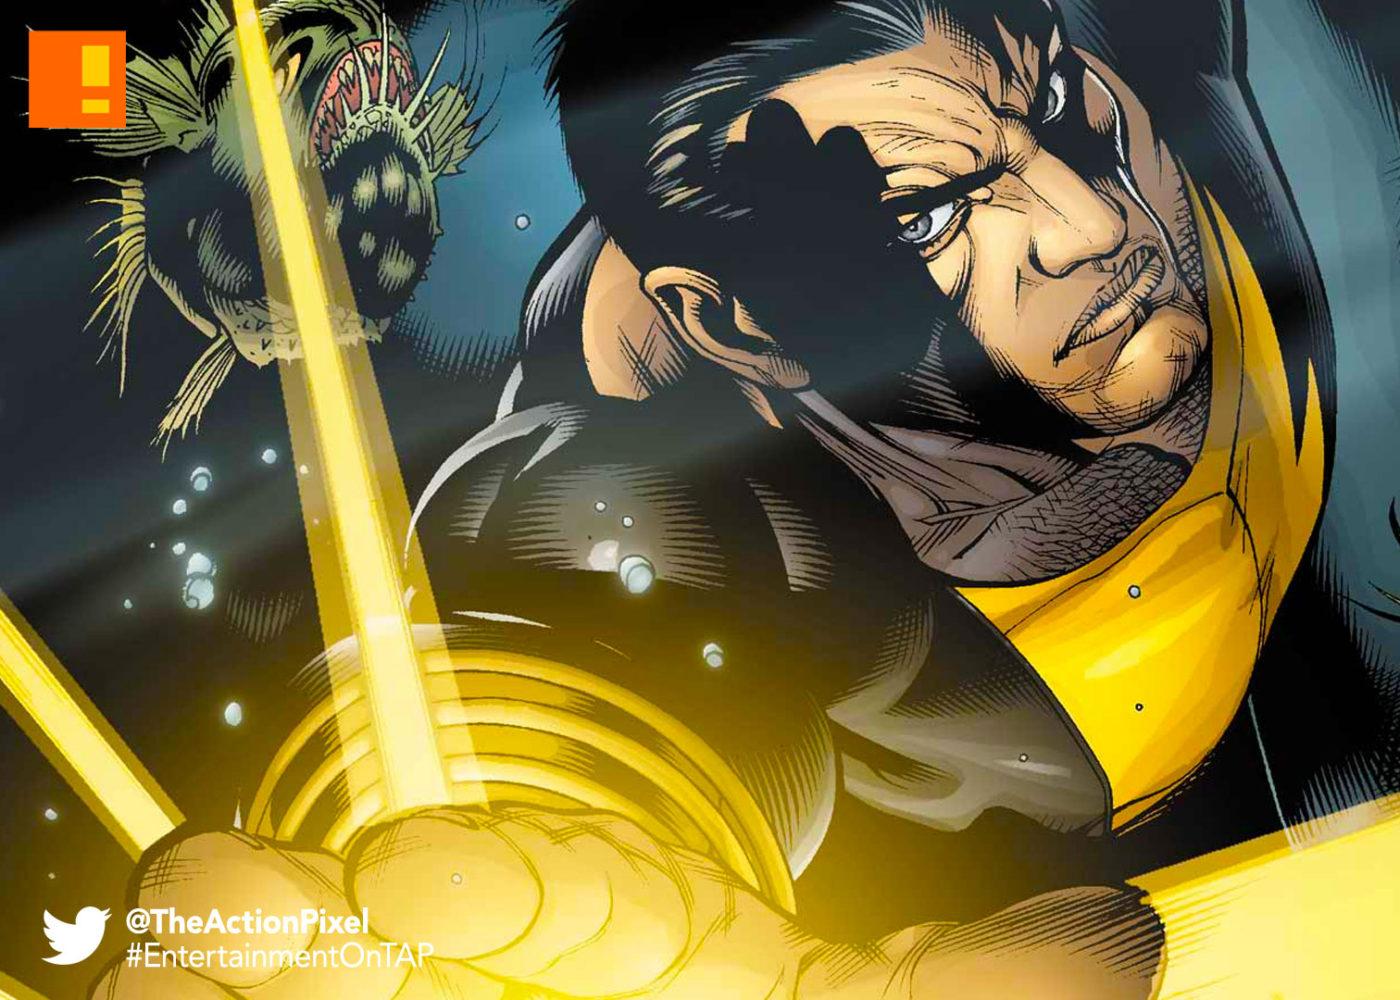 black adam,dc comics, captain marvel, shazam!, black adam, wb pictures, warner bros. warner bros. pictures, entertainment on tap, the action pixel